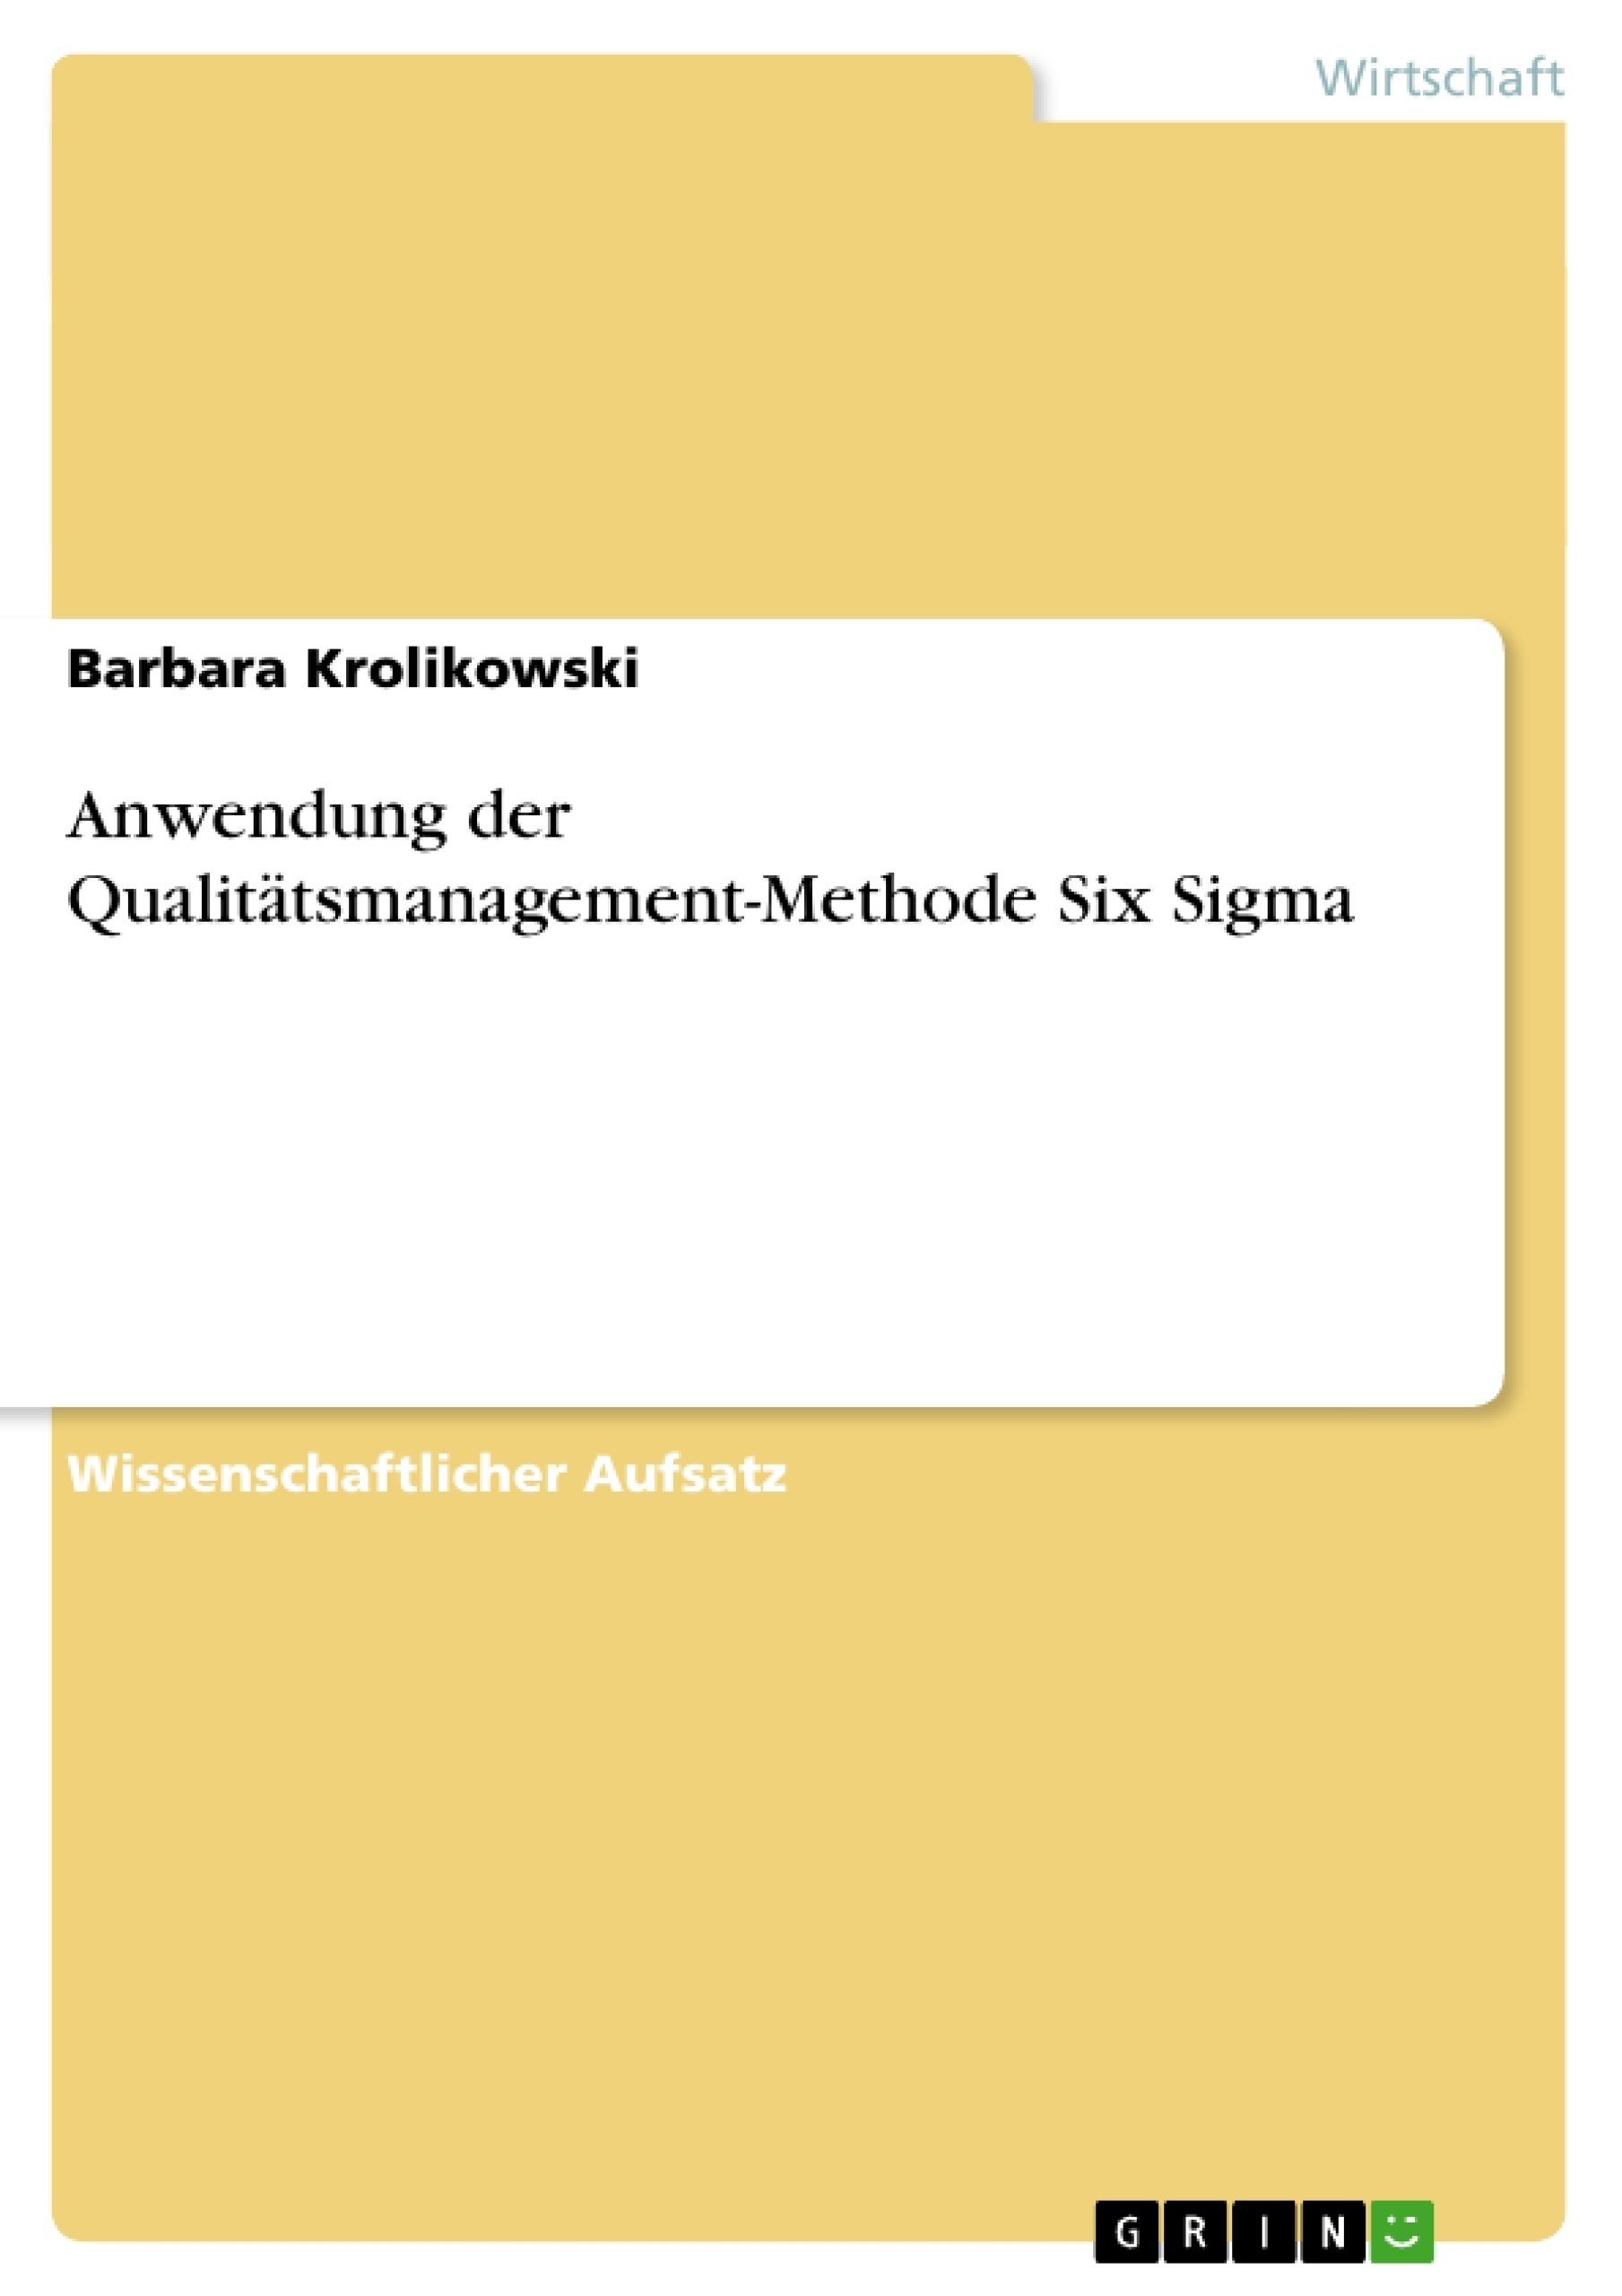 Titel: Anwendung der Qualitätsmanagement-Methode Six Sigma